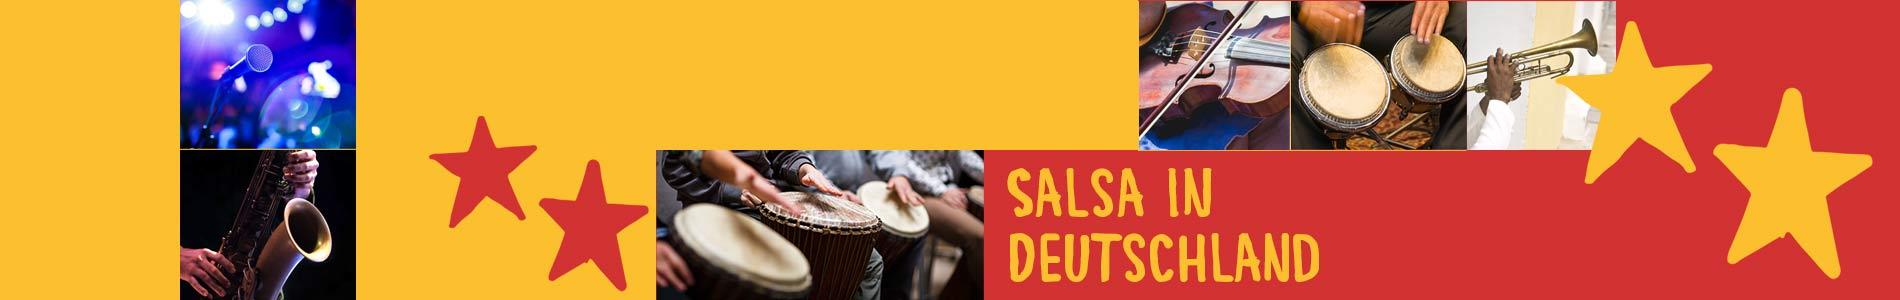 Salsa in Dannenberg – Salsa lernen und tanzen, Tanzkurse, Partys, Veranstaltungen